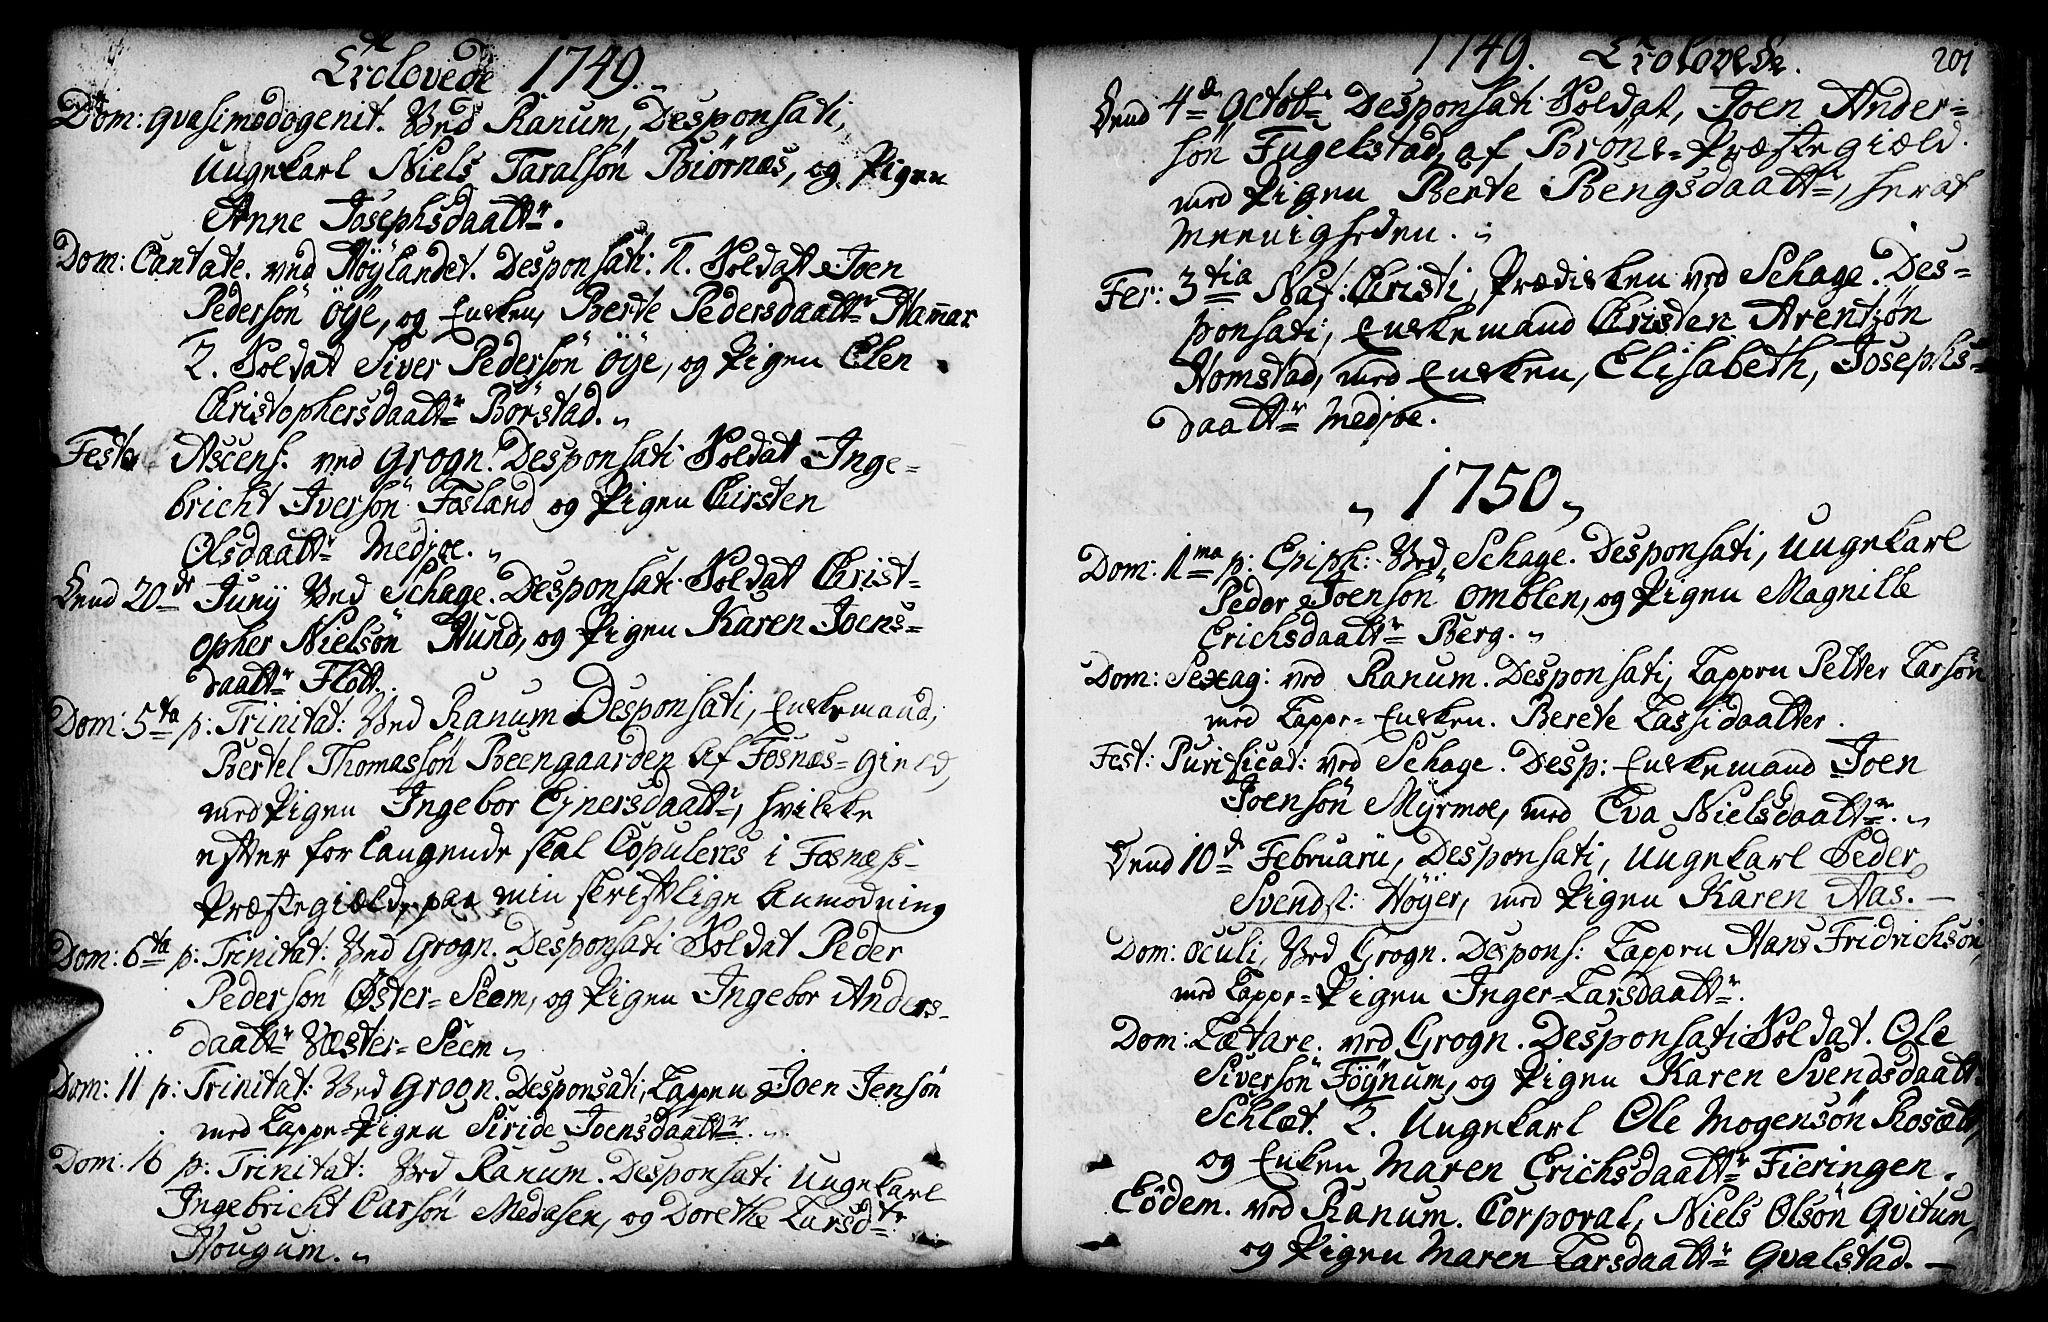 SAT, Ministerialprotokoller, klokkerbøker og fødselsregistre - Nord-Trøndelag, 764/L0542: Ministerialbok nr. 764A02, 1748-1779, s. 201